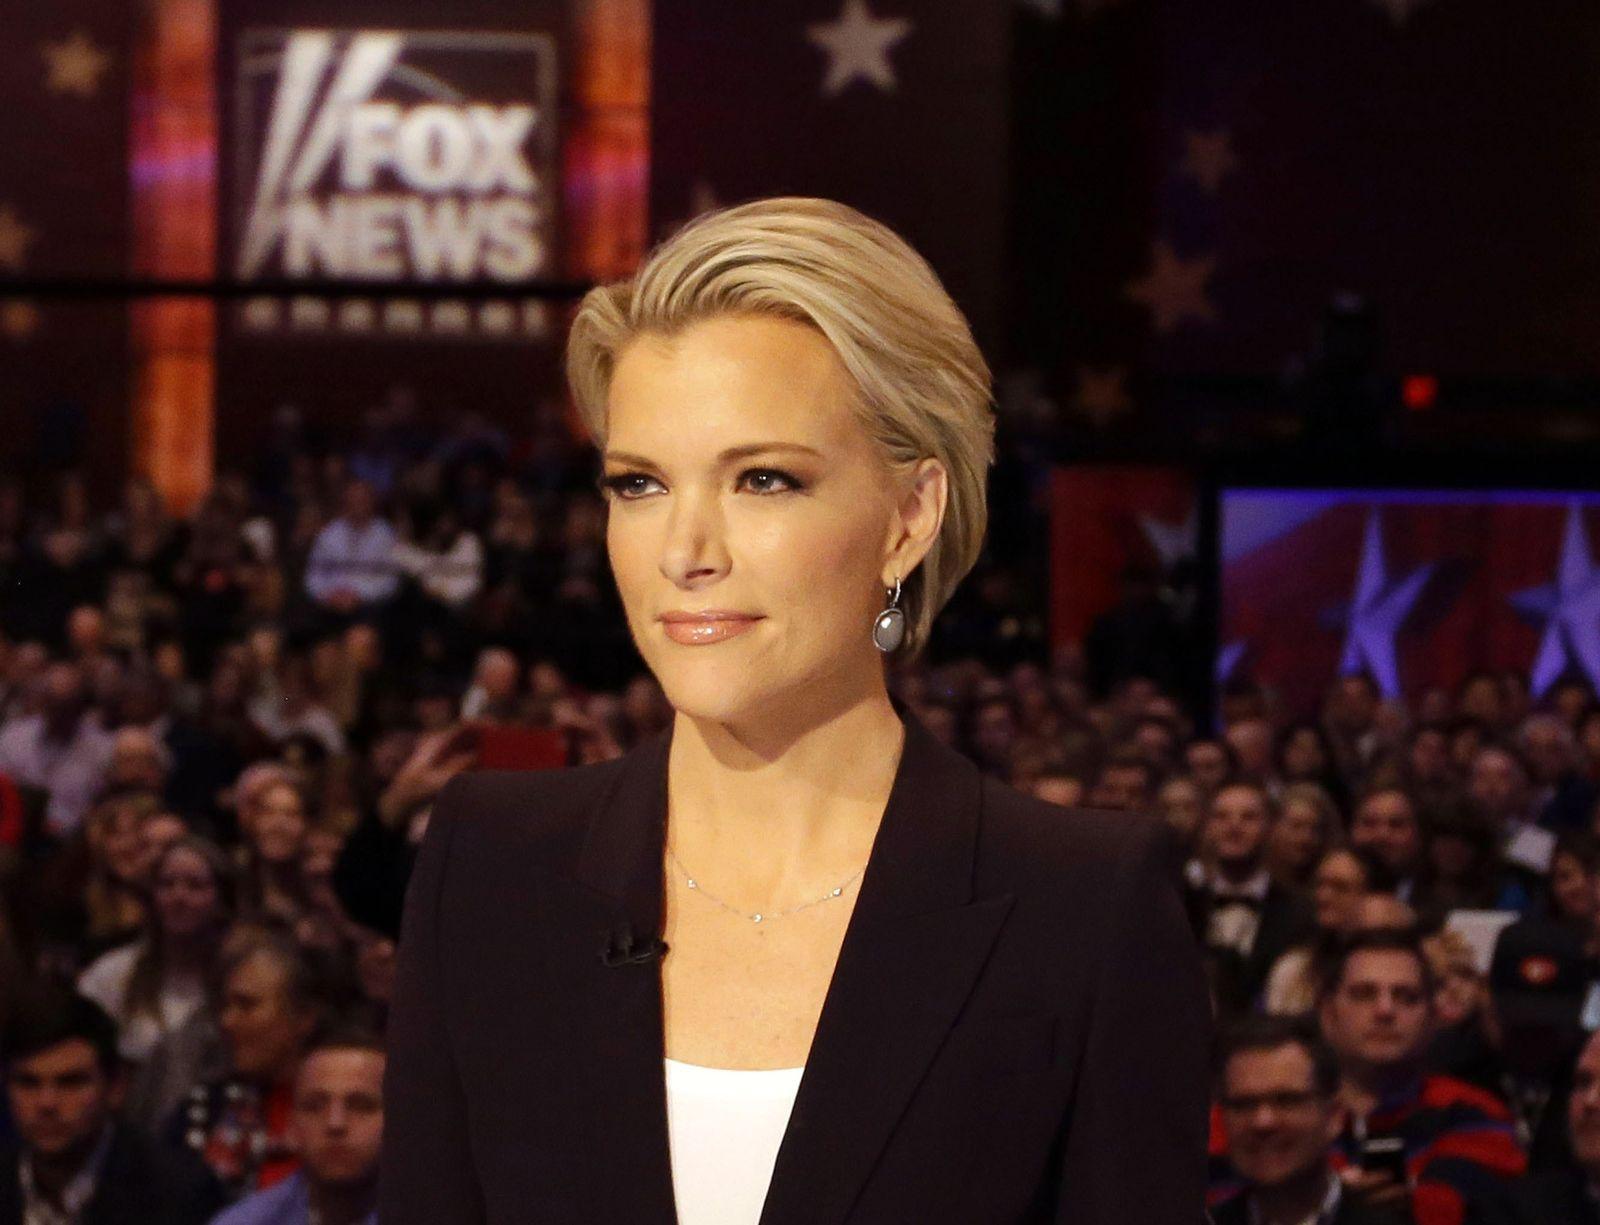 Fox News / Megyn Kelly